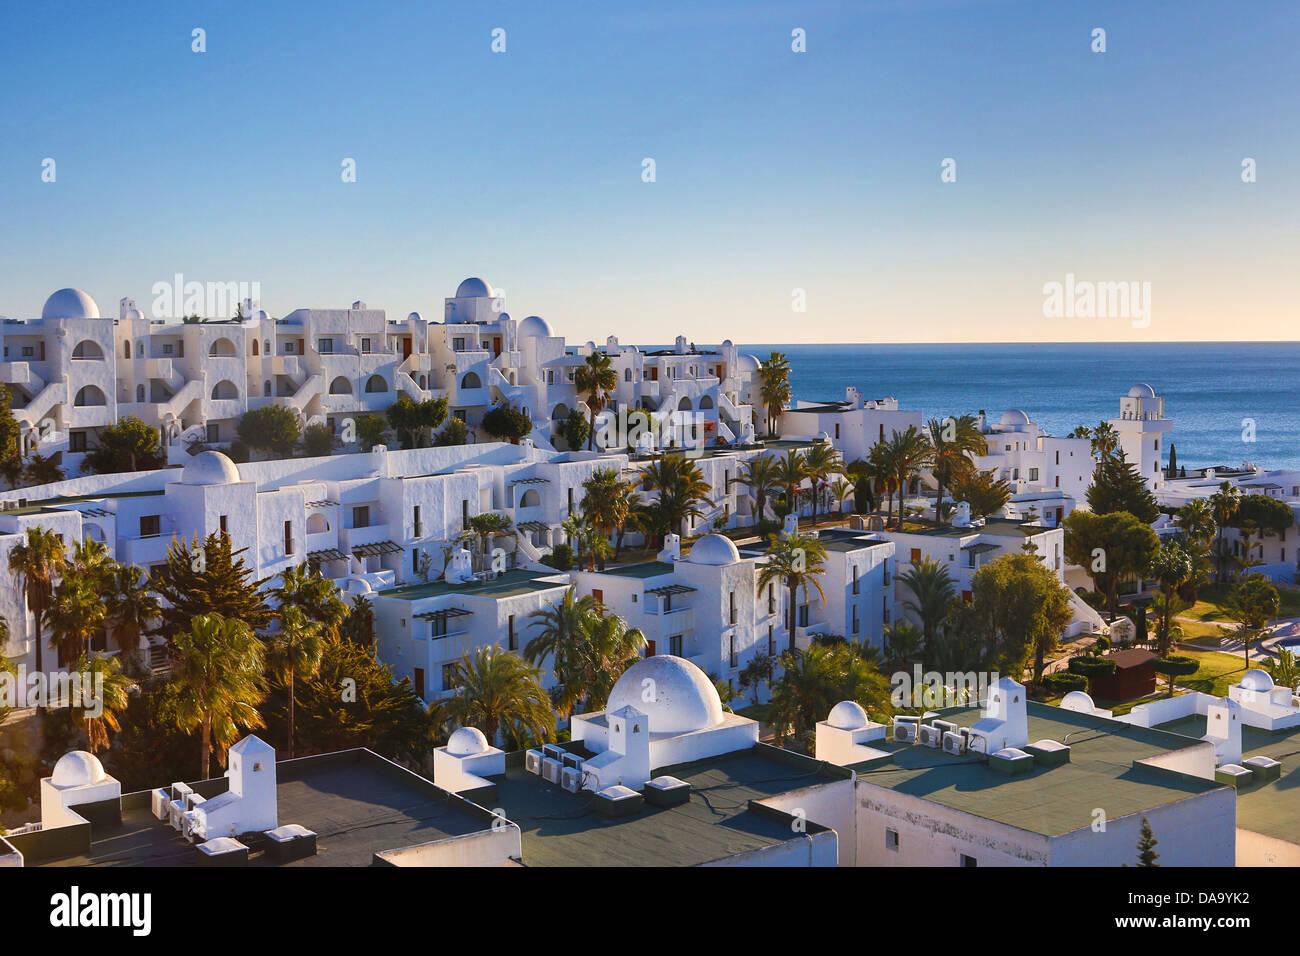 Spanien, Europa, Andalusien, Strand, Küste, Gebäude, mediterran, neue, Palmen, Meer, touristische, Bäume, Stockbild